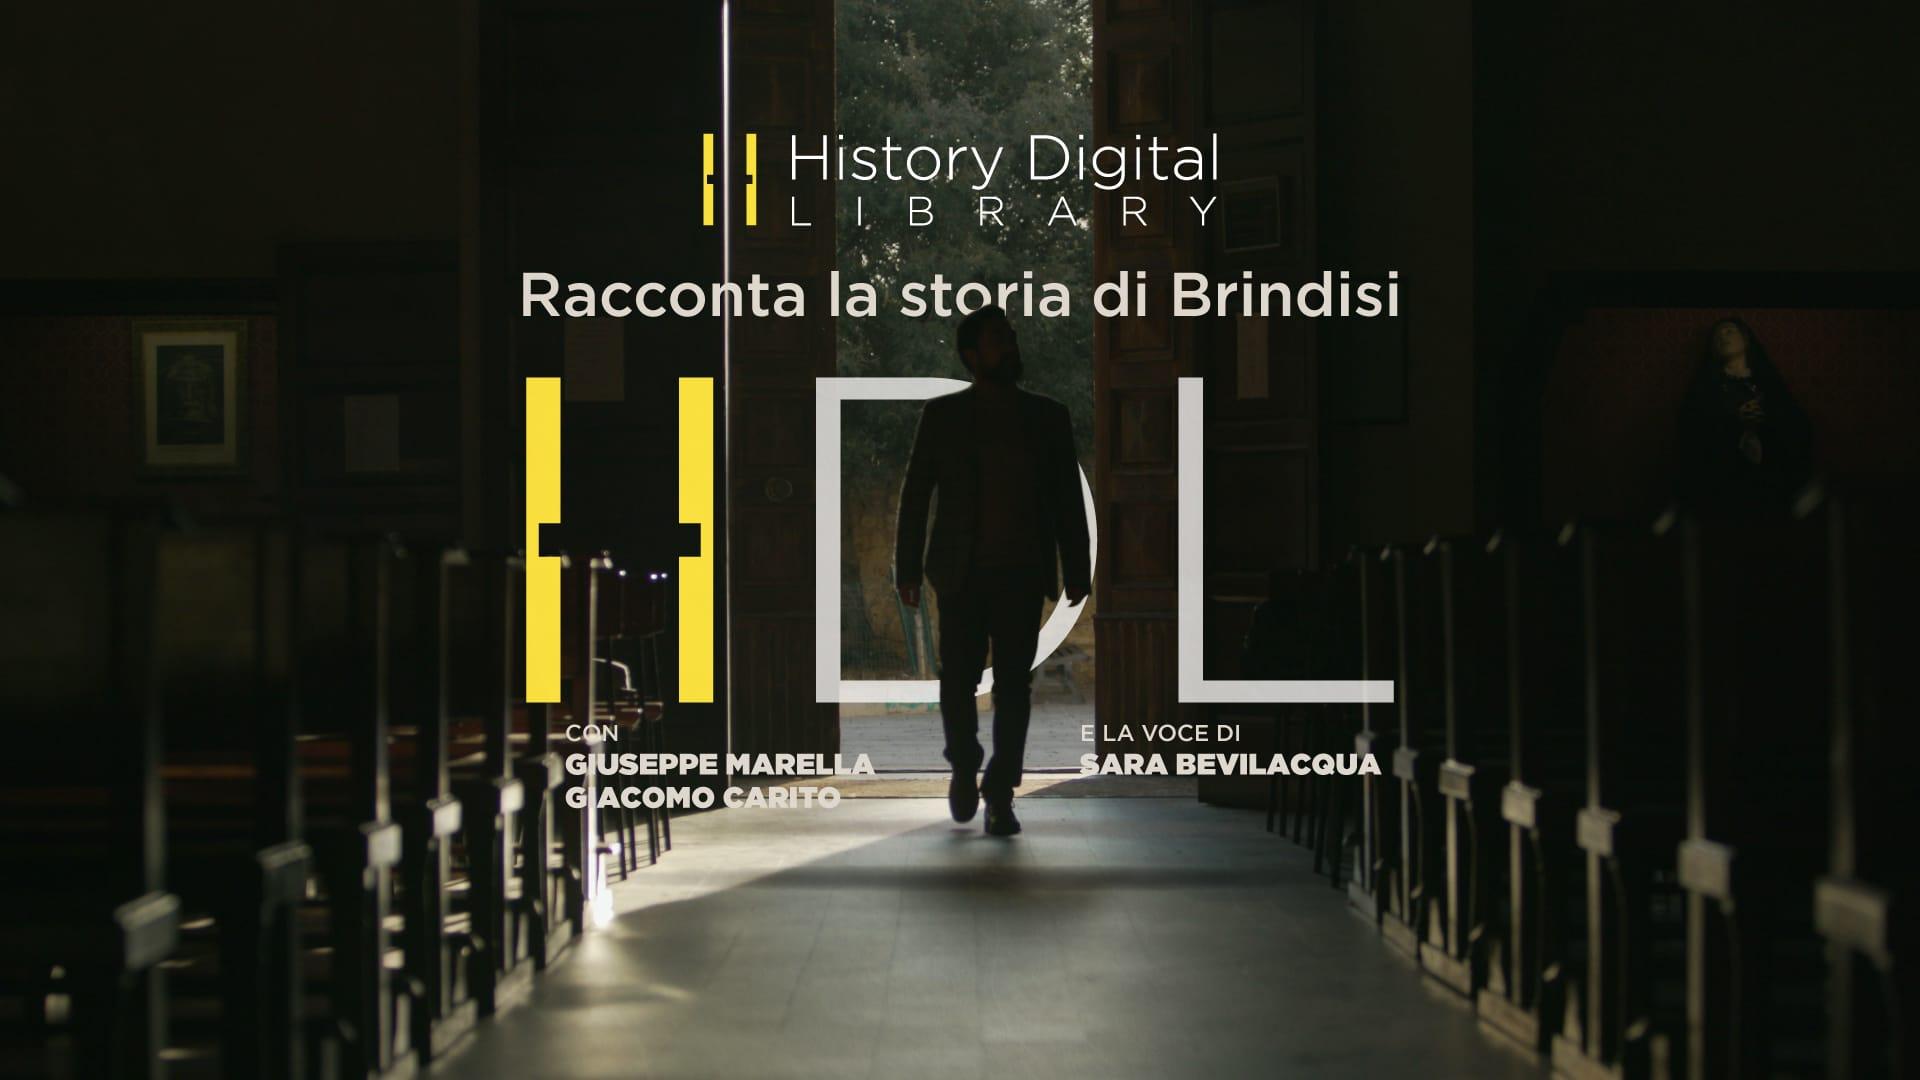 La Chiesa del Cristo Documentari History Digital Library